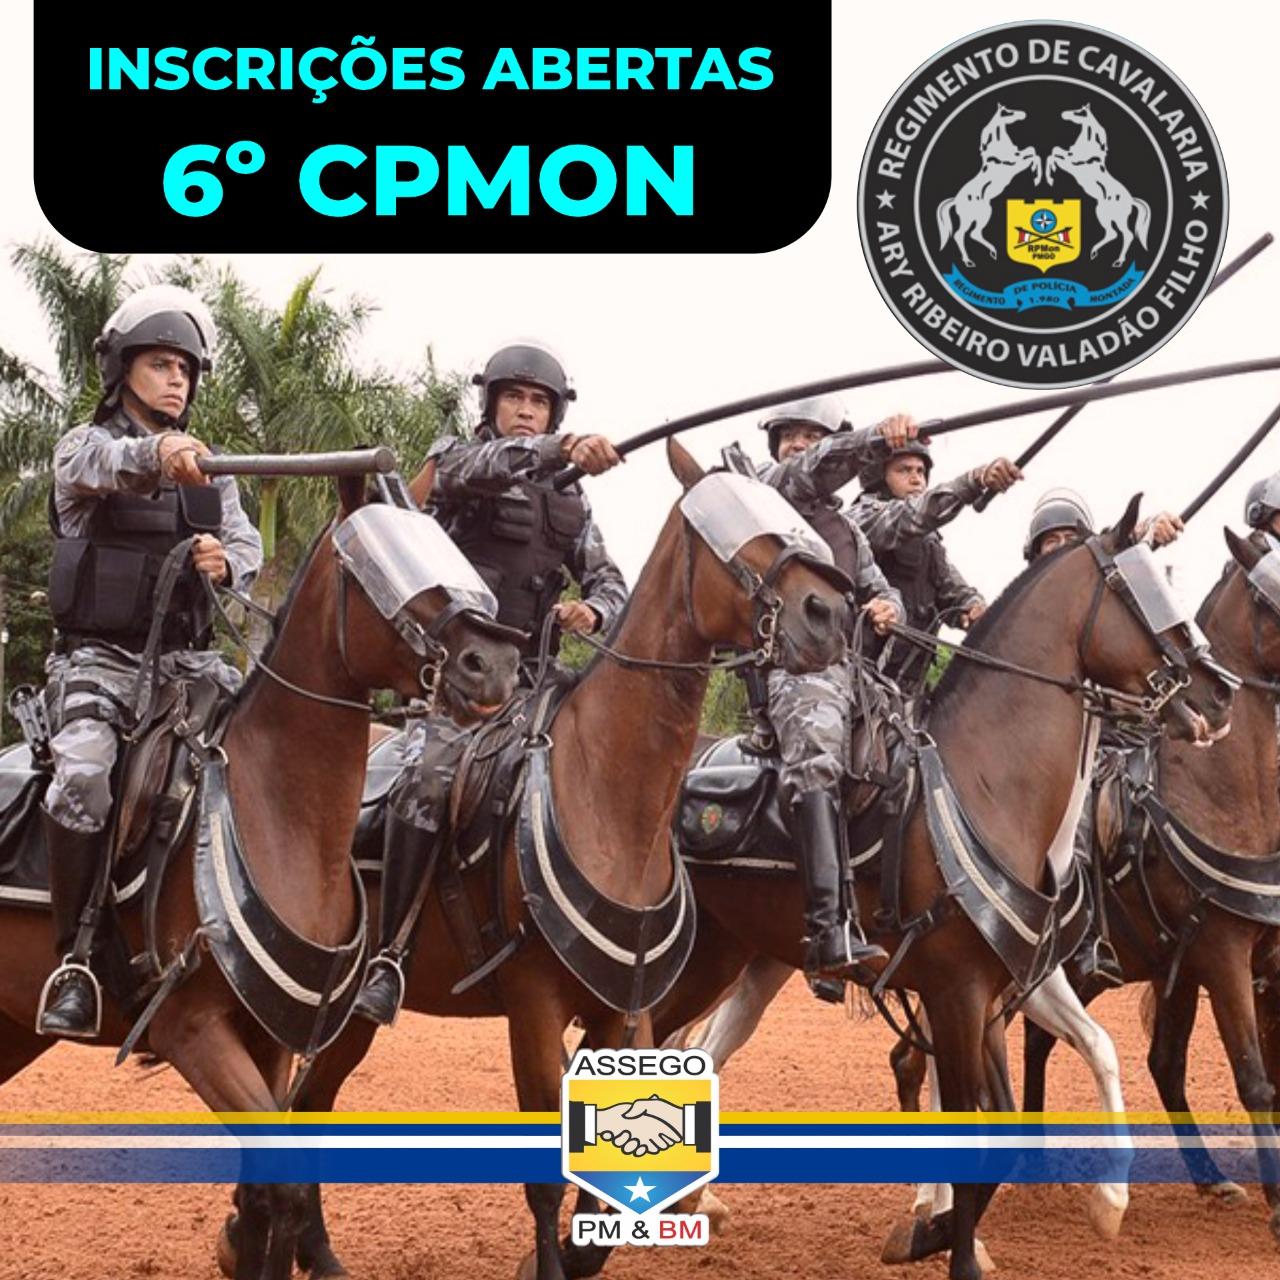 Inscrições Abertas para o 6° Curso de Policiamento Montado da PMGO.